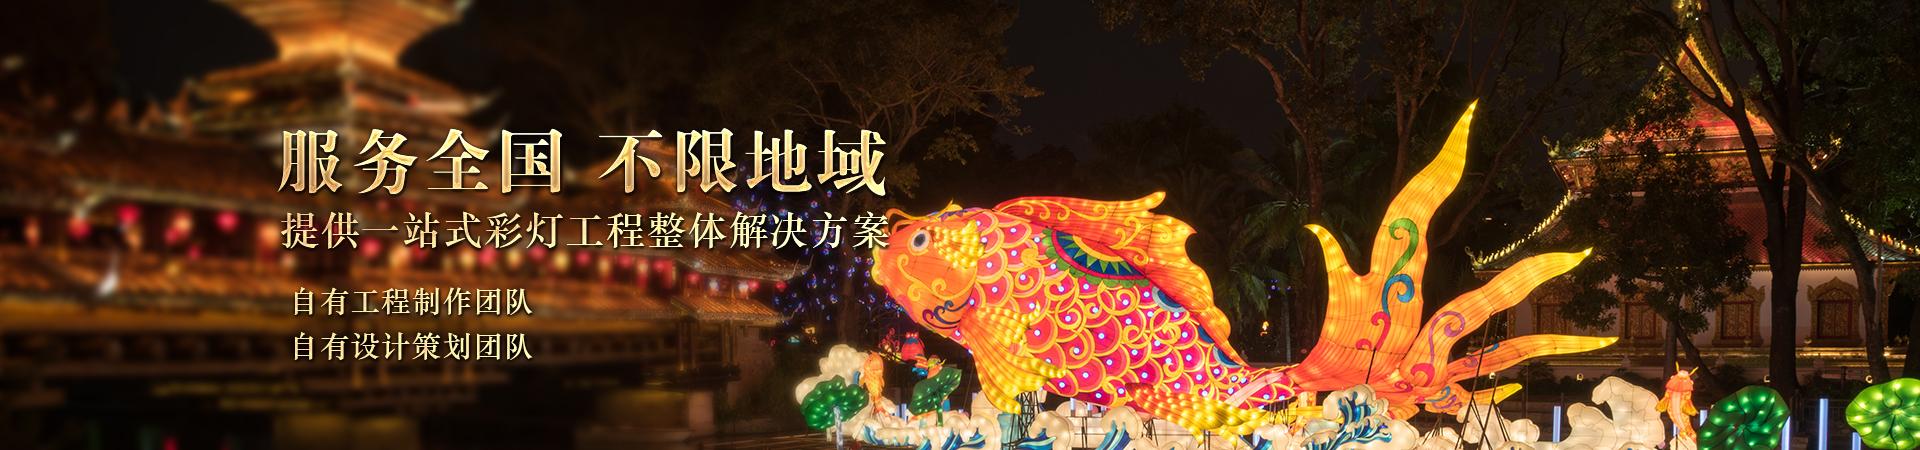 http://www.kfjulong.com/data/upload/202010/20201029163535_719.jpg